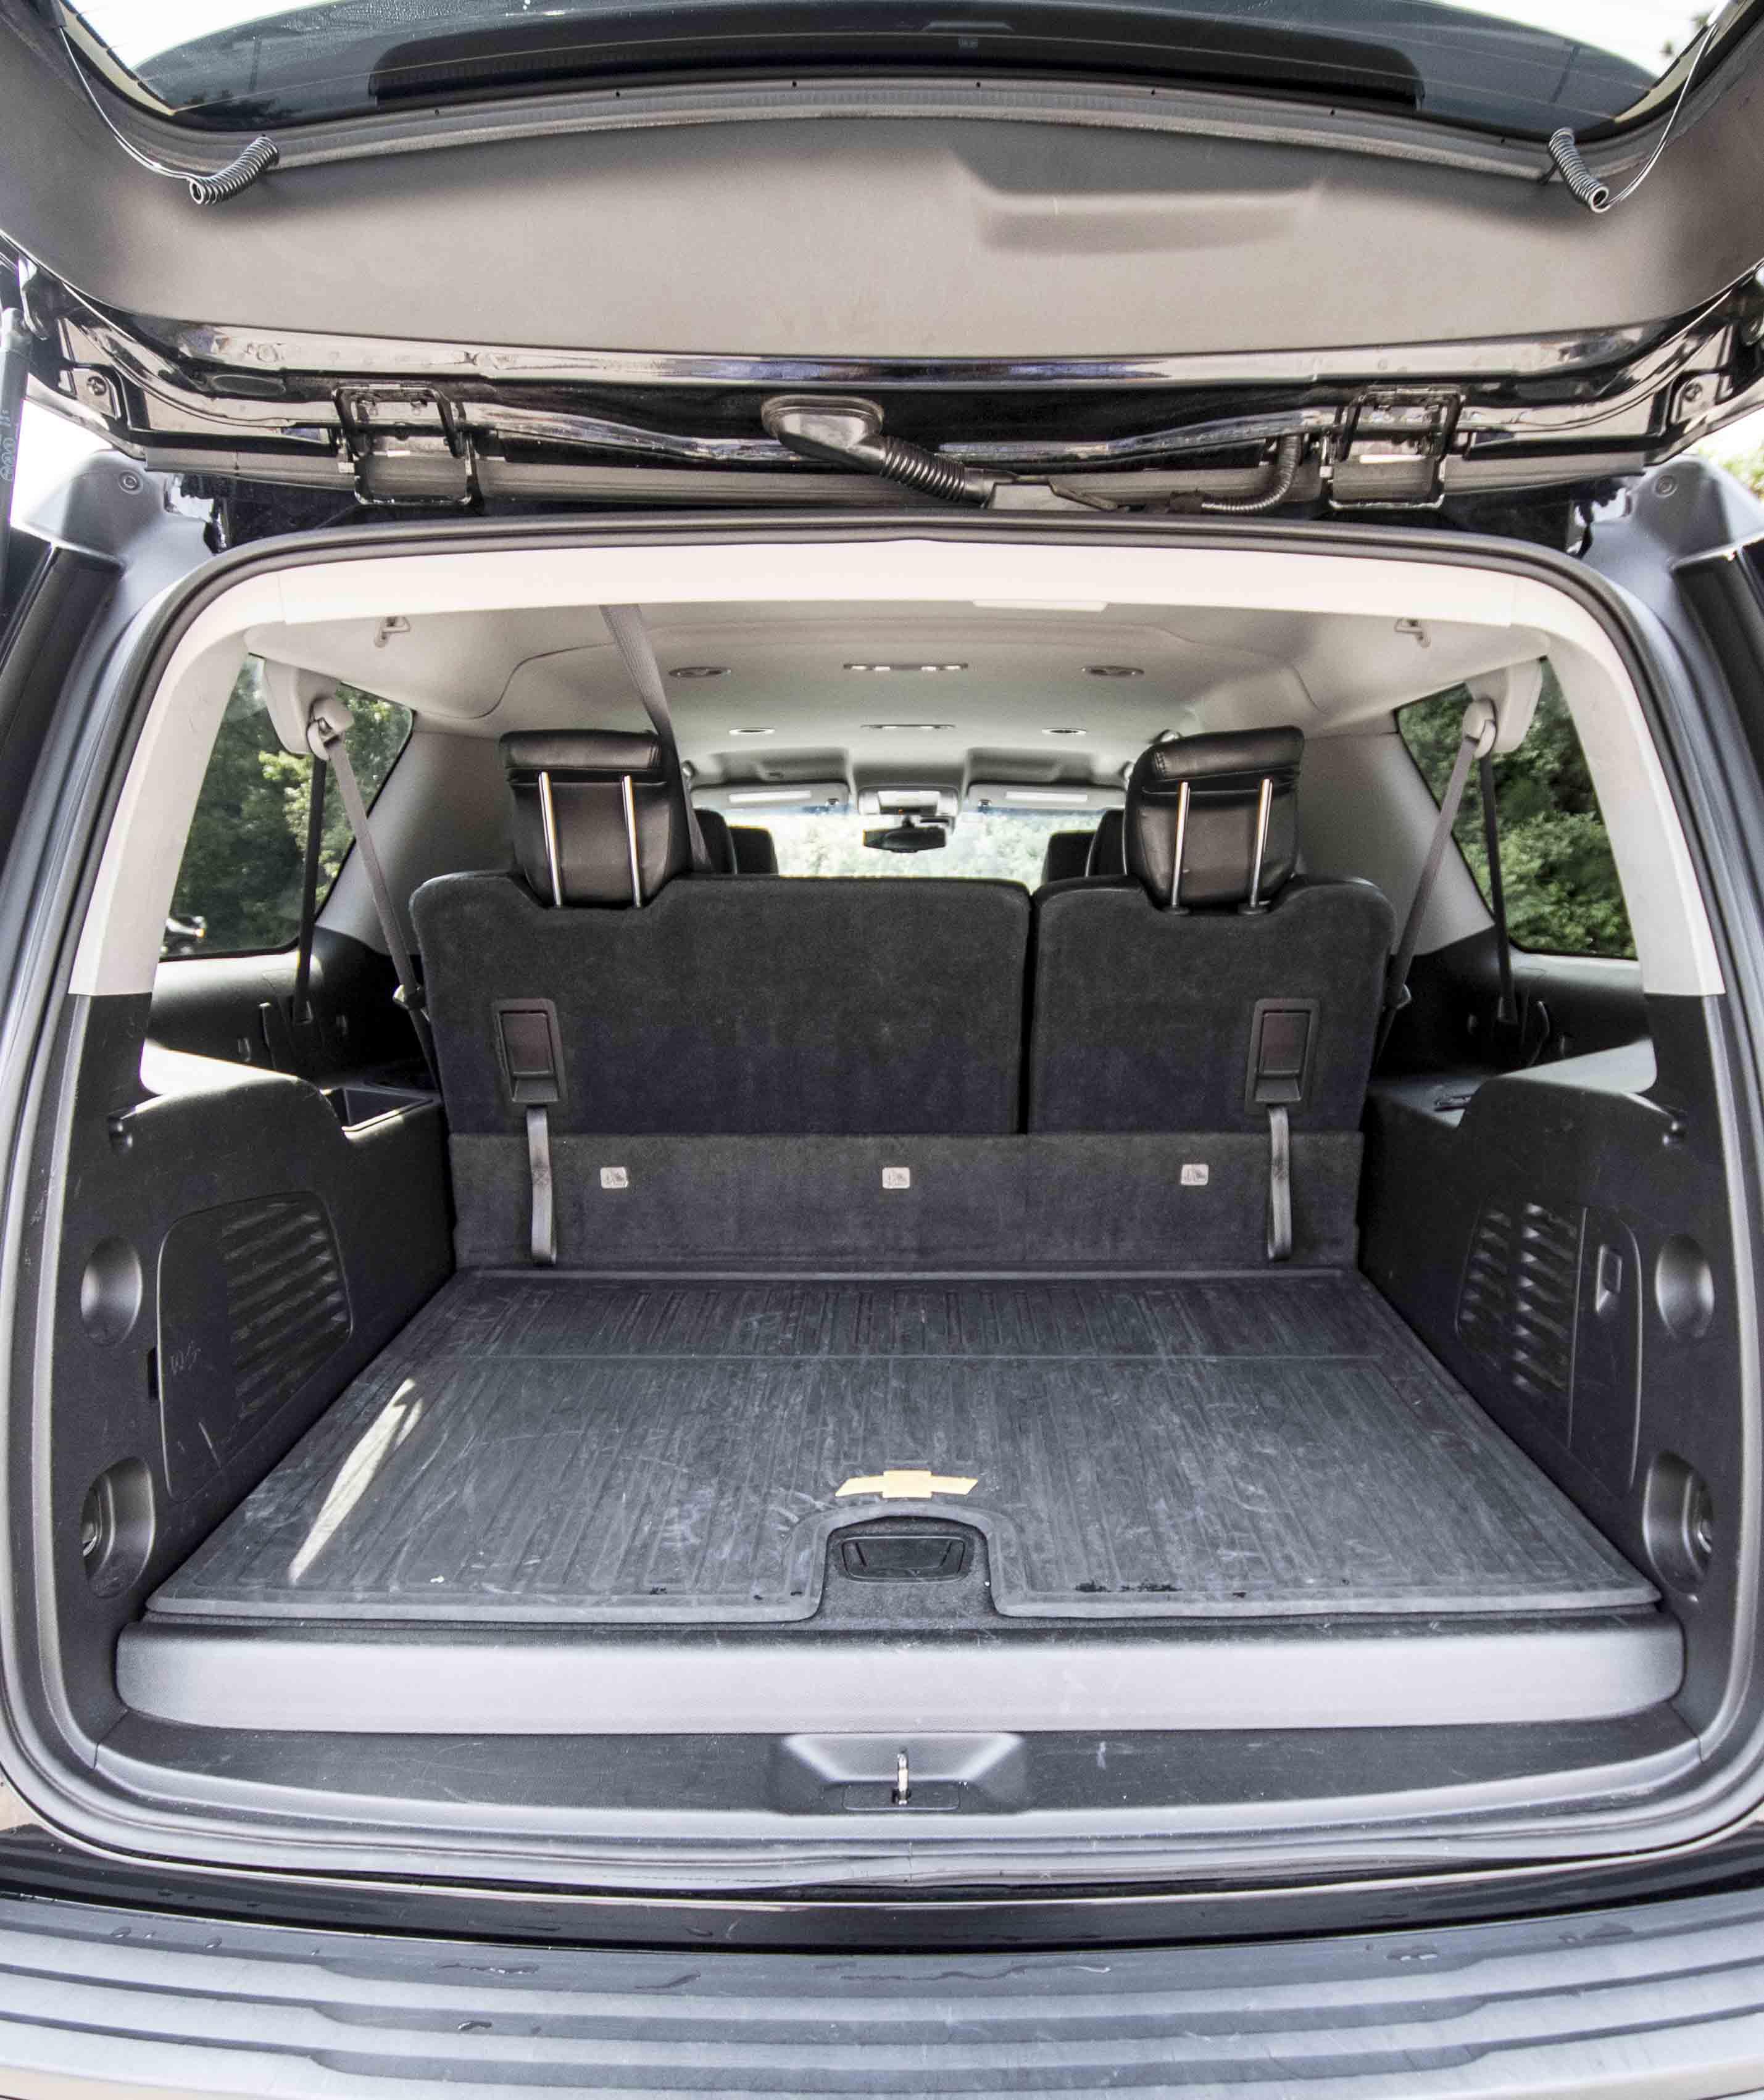 Cadillac Escalade 3rd Row Seats: EcoStyle Chauffeured Transportation EcoStyle Transportation